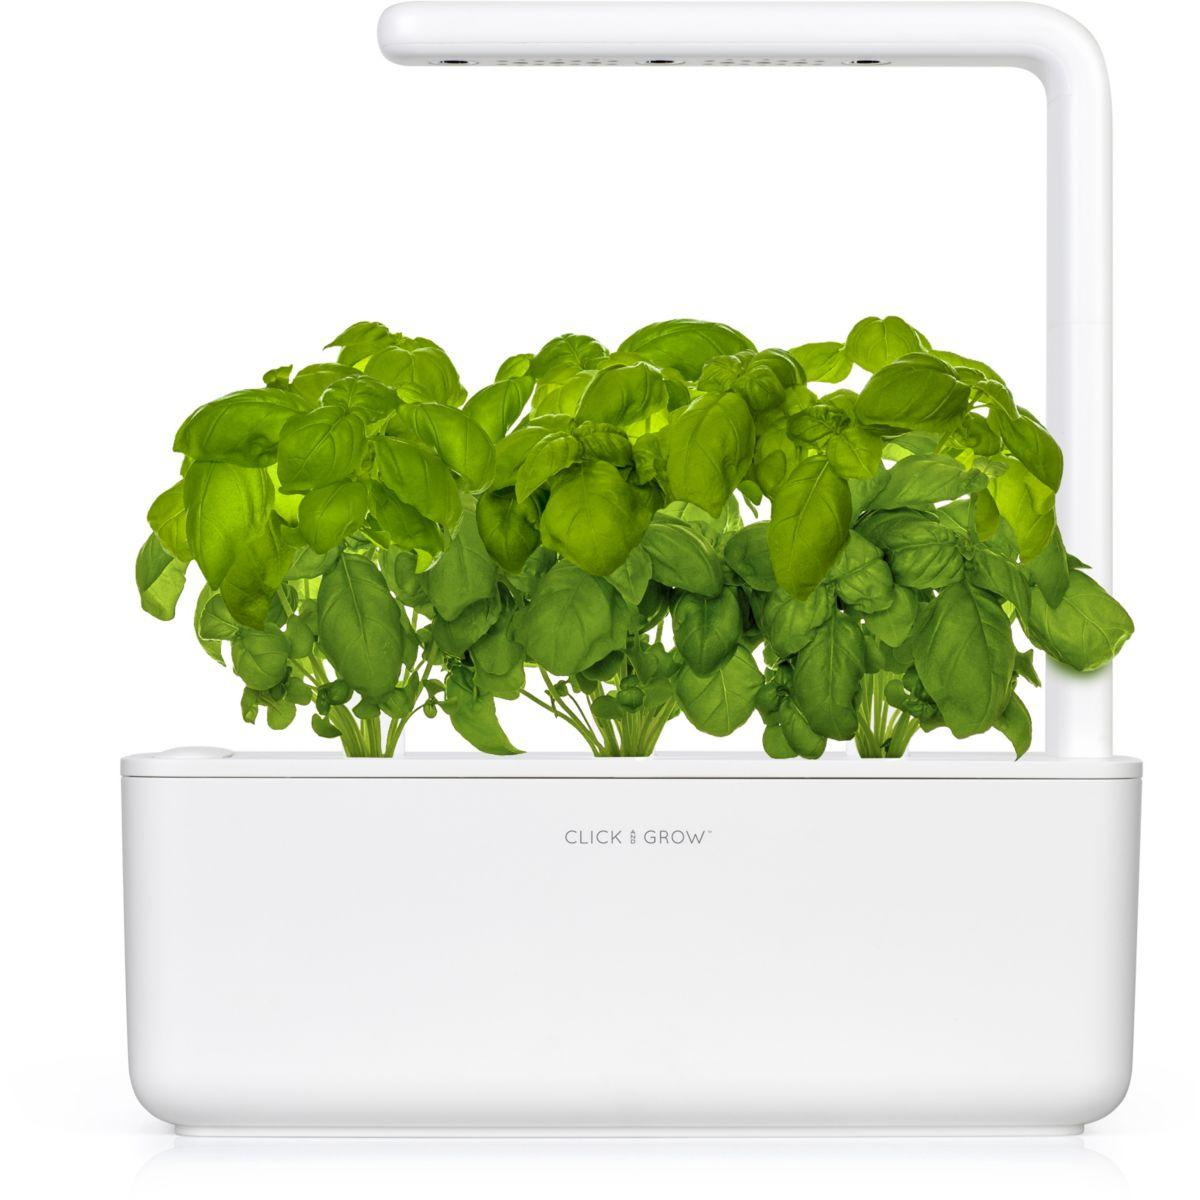 Jardin d'int�rieur click and grow smart garden 3 blanc - 7% de remise imm�diate avec le code : priv7 (photo)